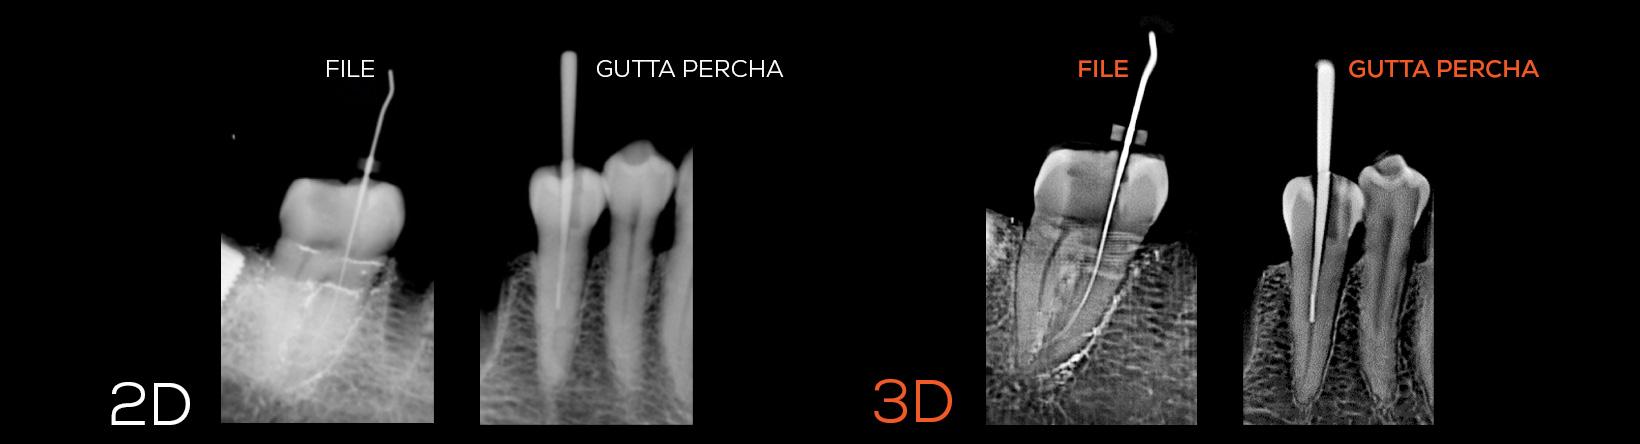 IDS-gutta-percha-02